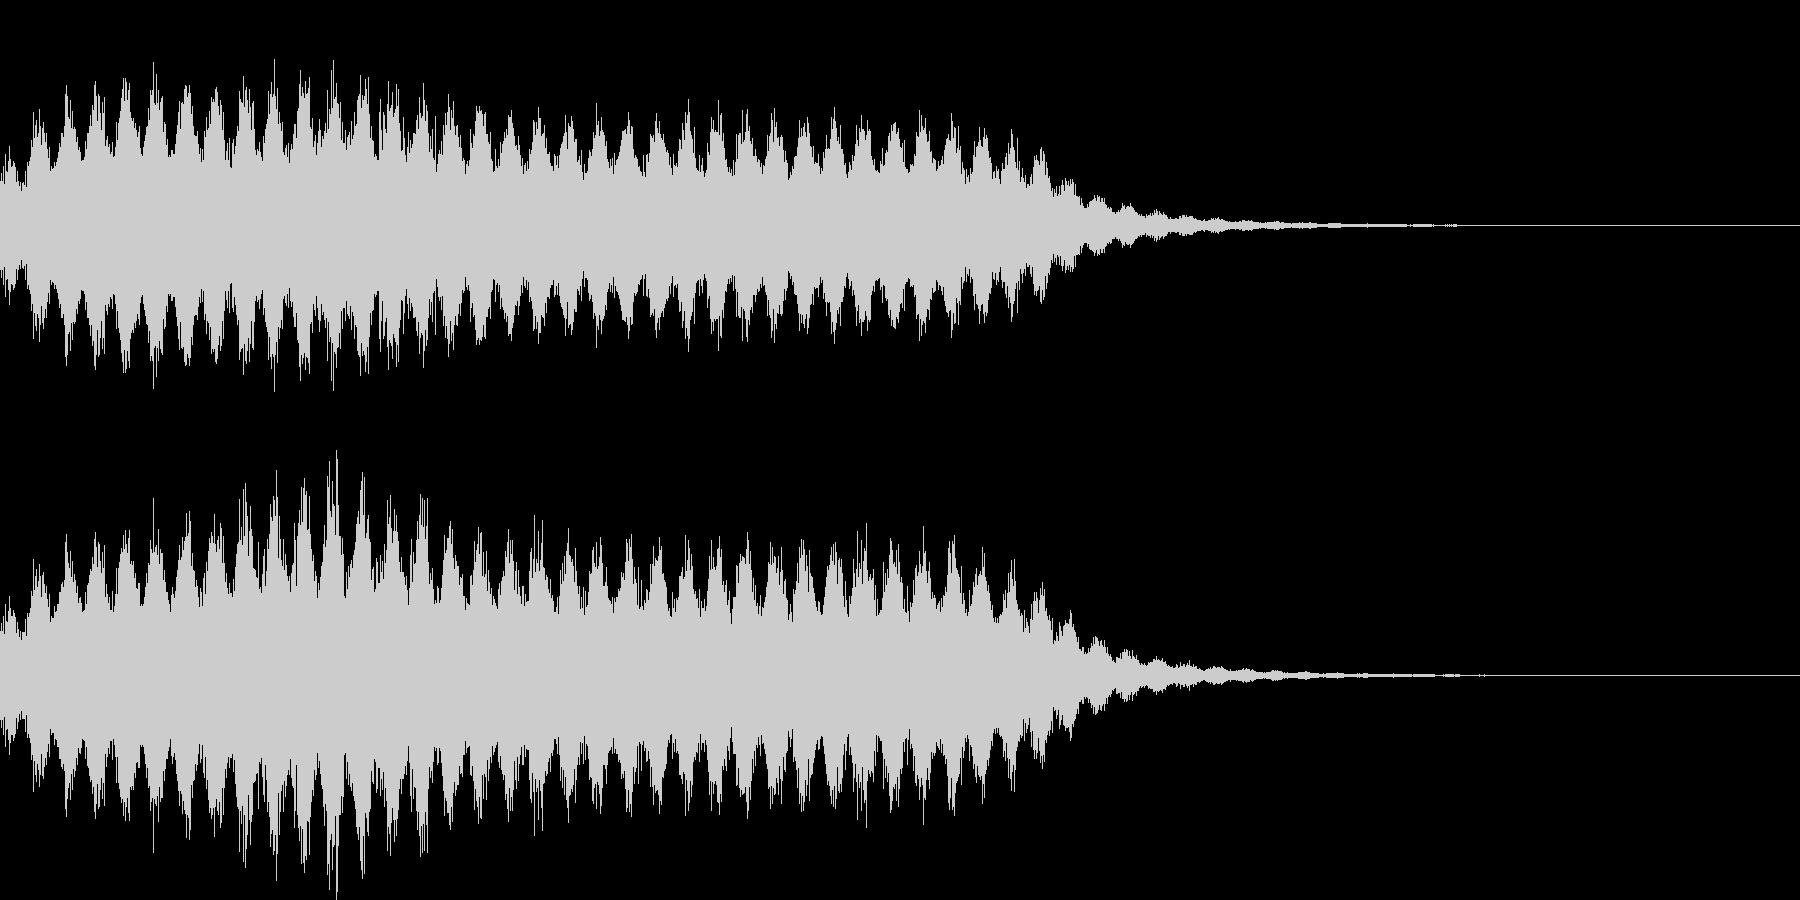 シュワシュワ 泡 爽快 音の未再生の波形